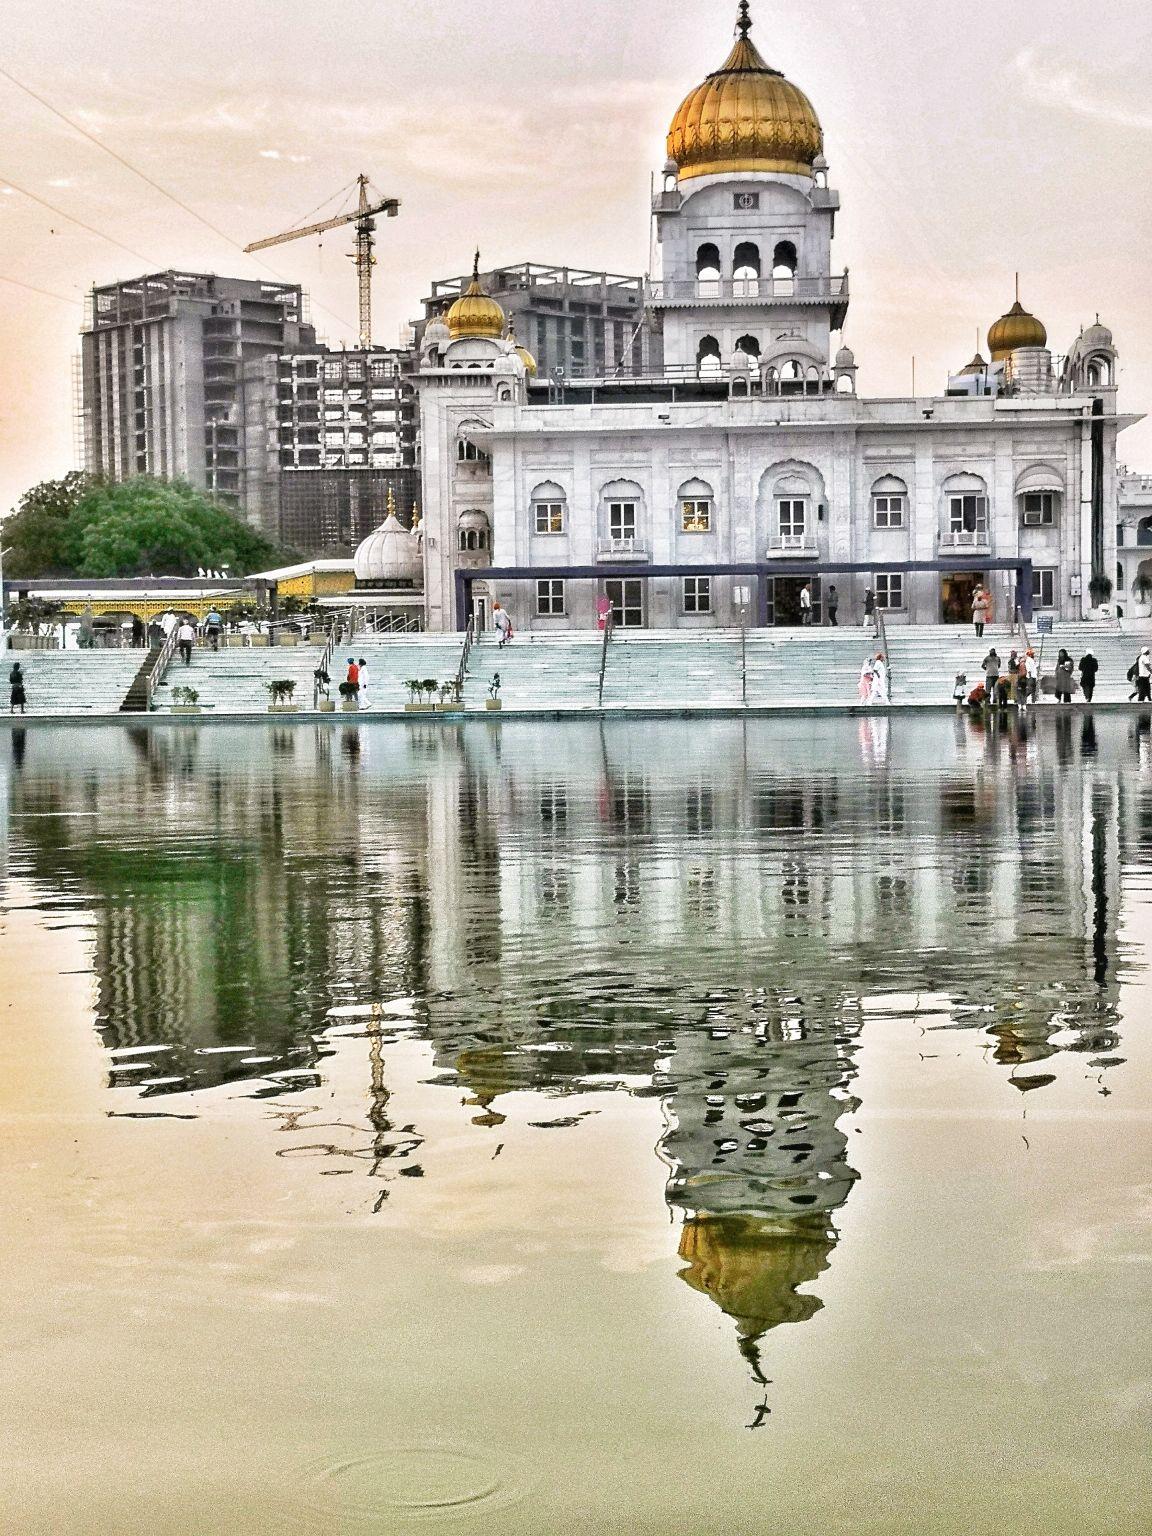 Photo of Gurudwara Bangla Sahib By varunkevlogs on Youtube